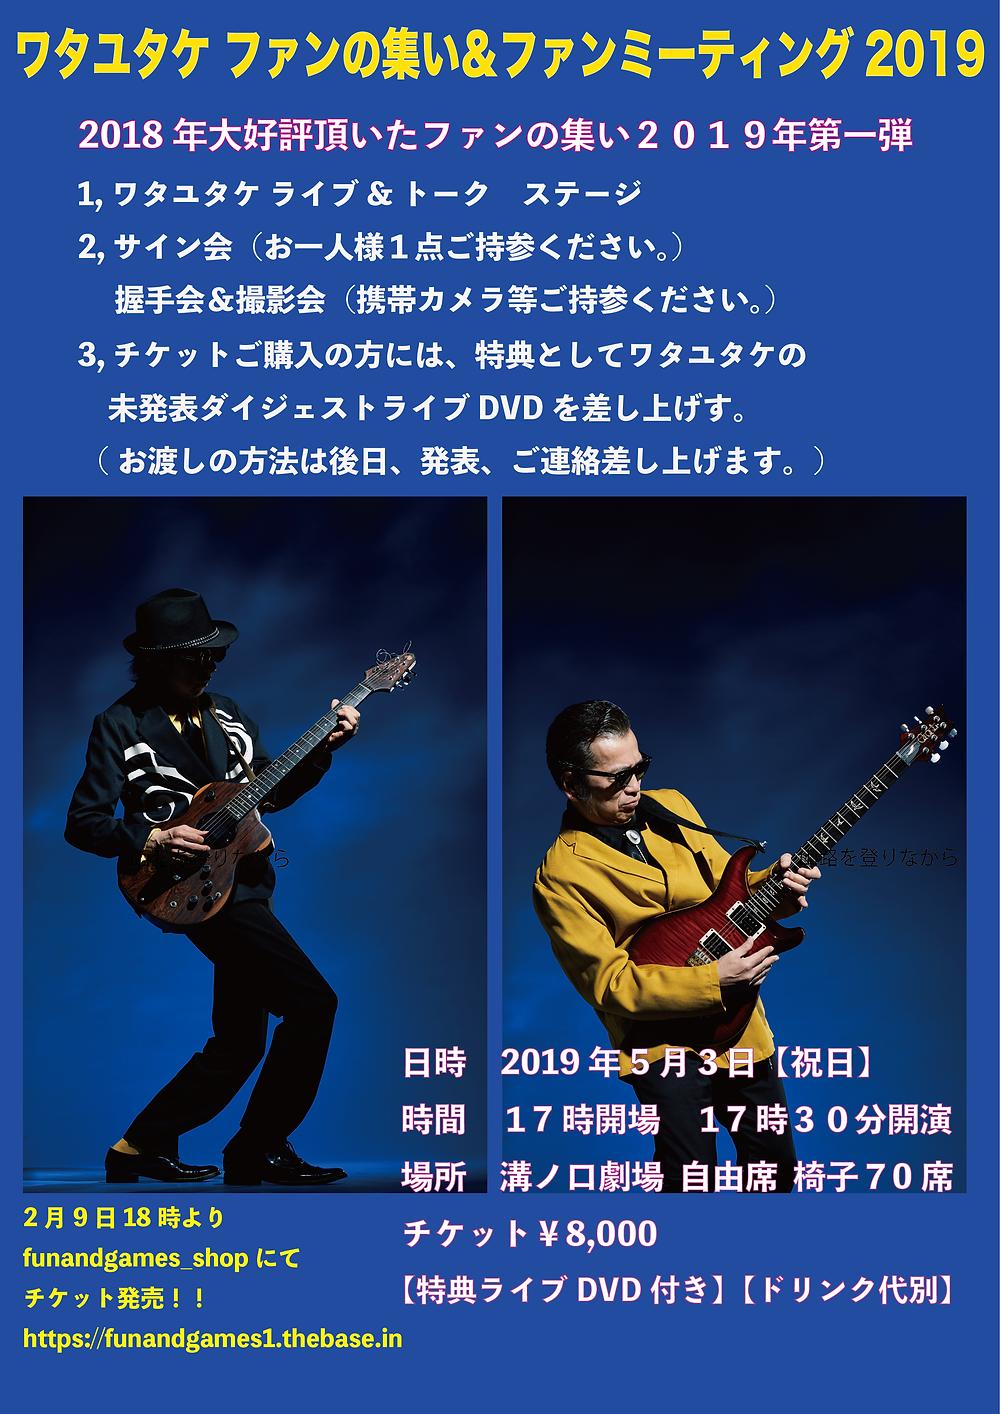 ワタユタケ「ファンの集いファンミーティング2019 」